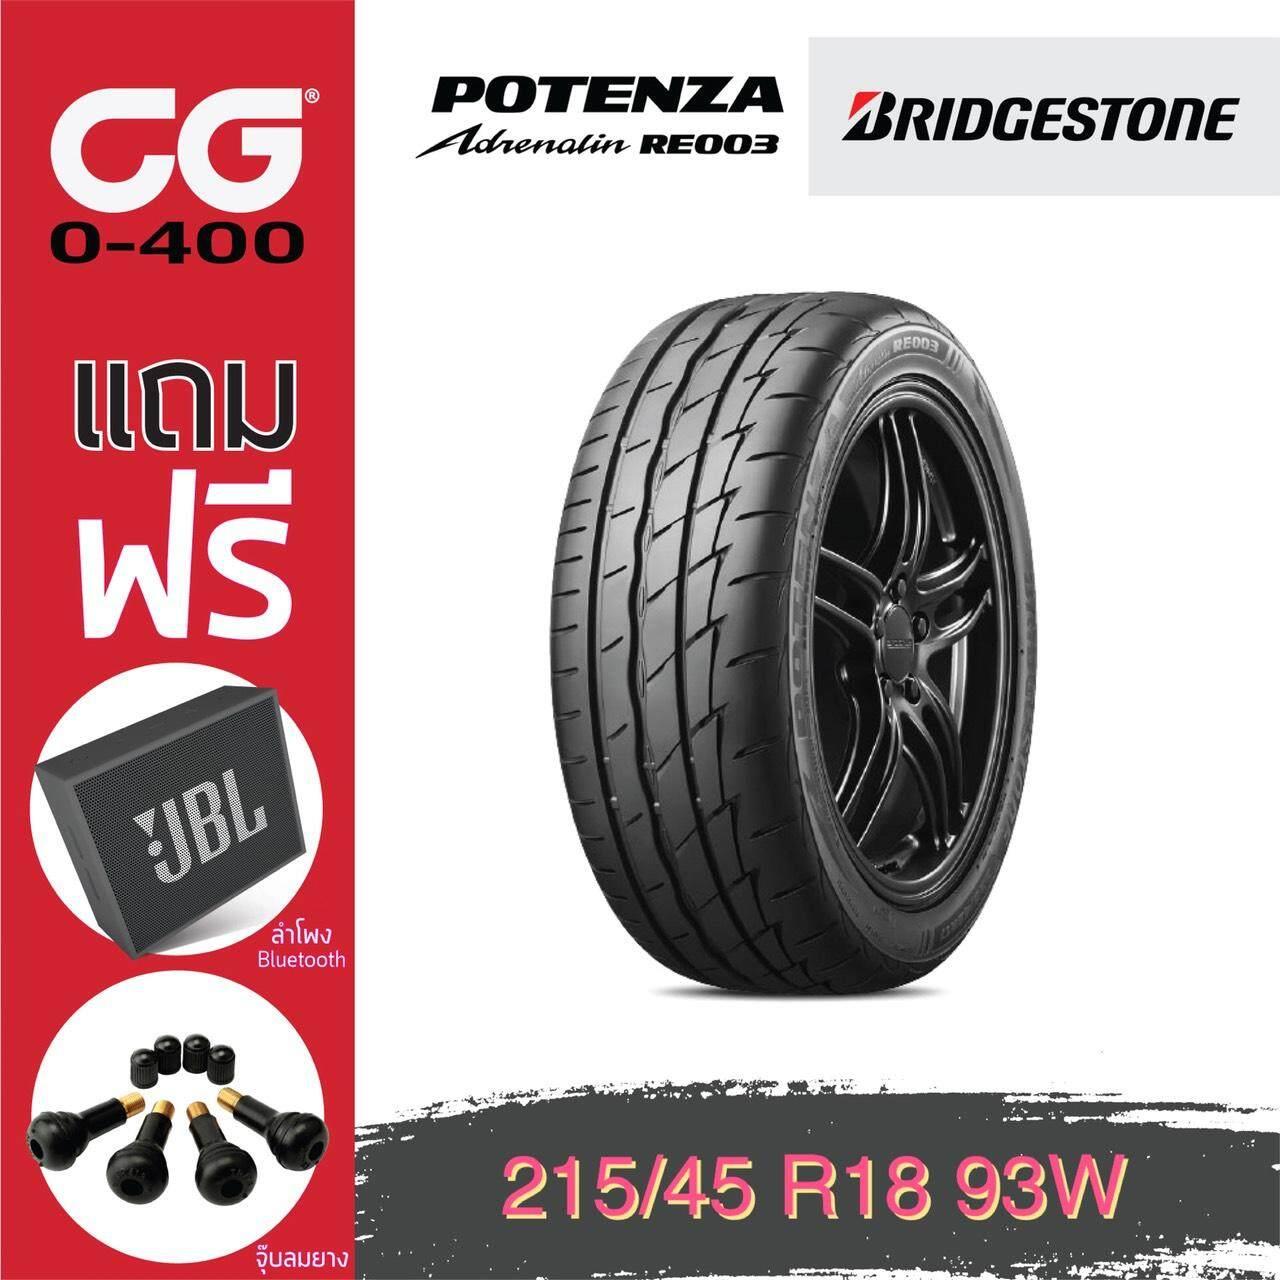 อุบลราชธานี BRIDGESTONE POTENZA RE003 Size 215/45 R18 93W จำนวน 4 เส้น